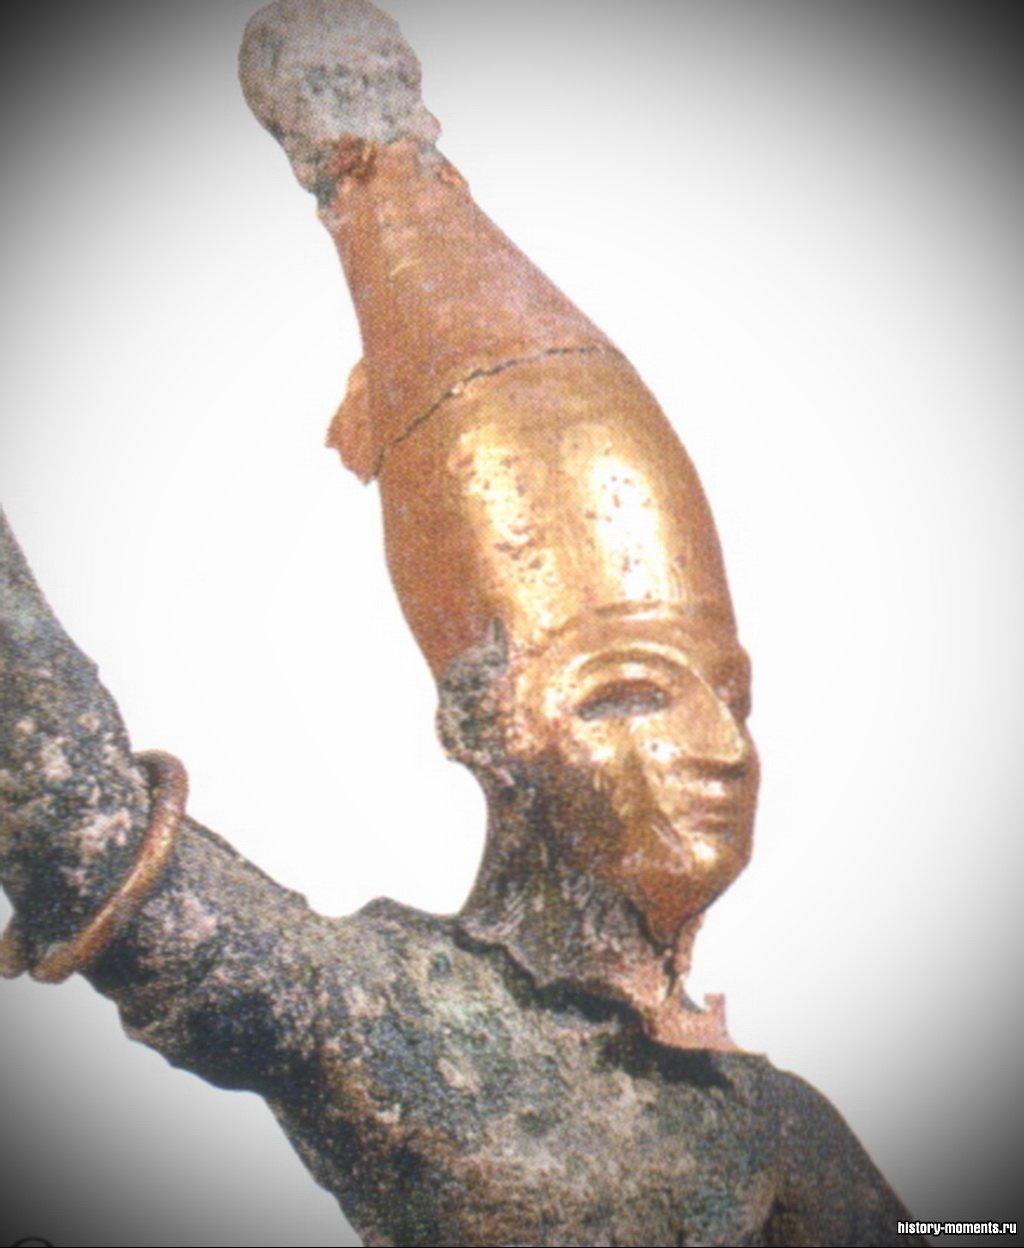 Бронзовая статуэтка Ваала, одного из главных хананейских богов.